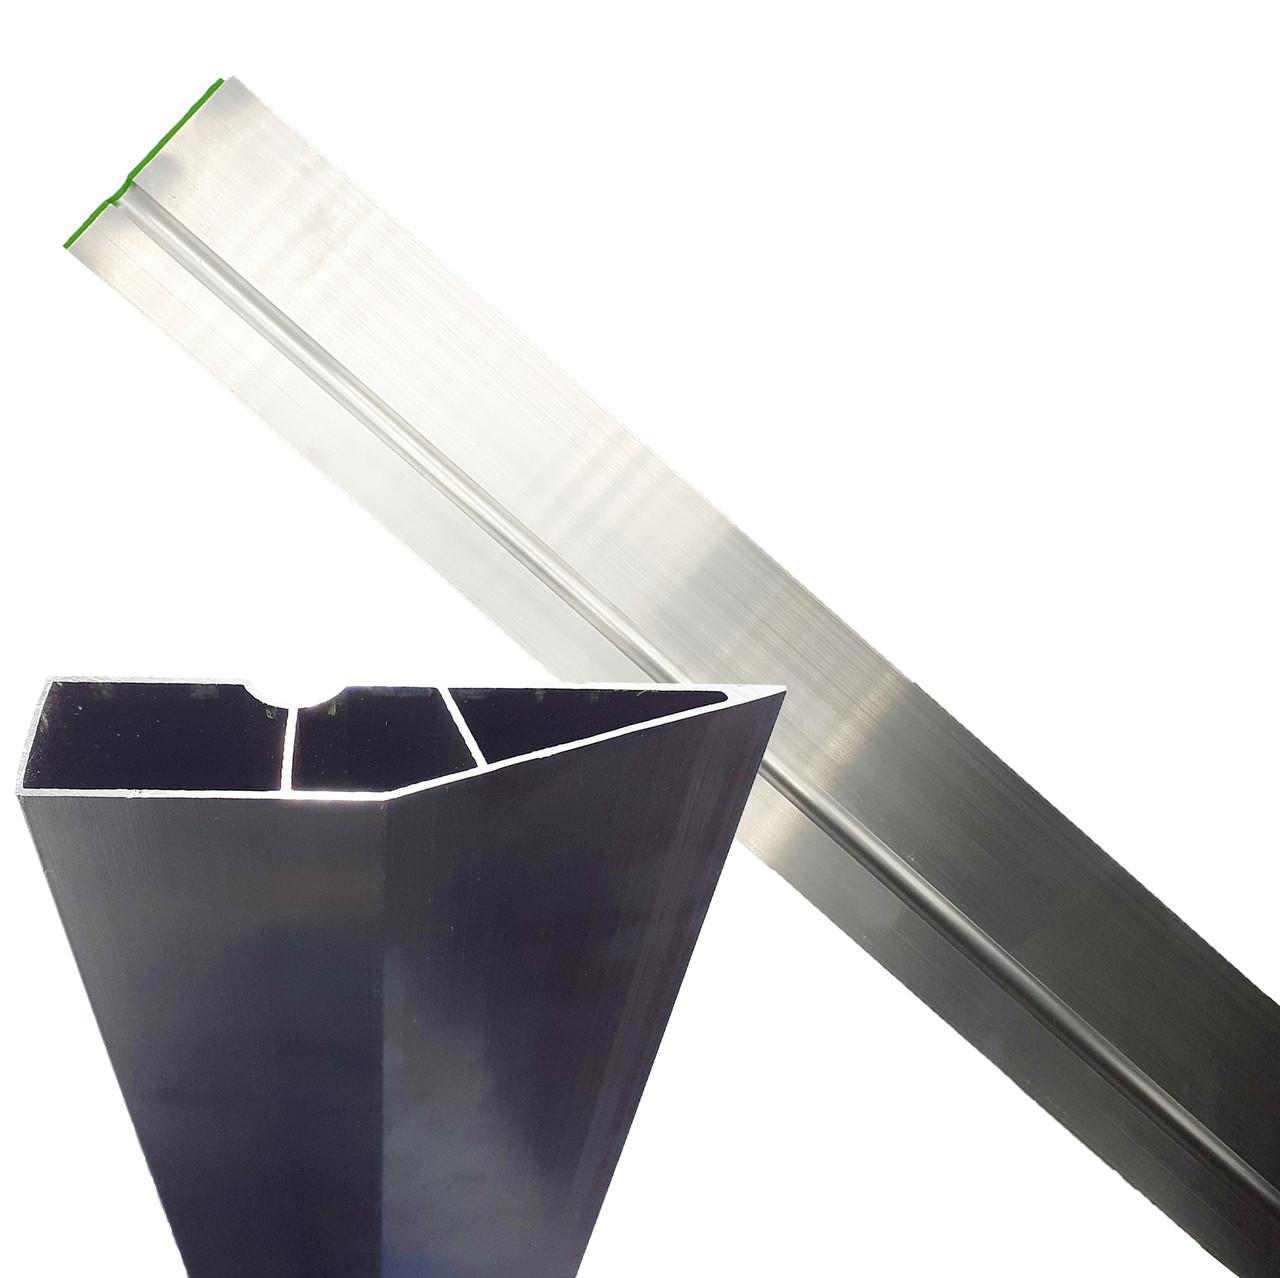 Рейка для штукатурных работ, 2 ребра жёсткости, 250 см HTools, 29B154